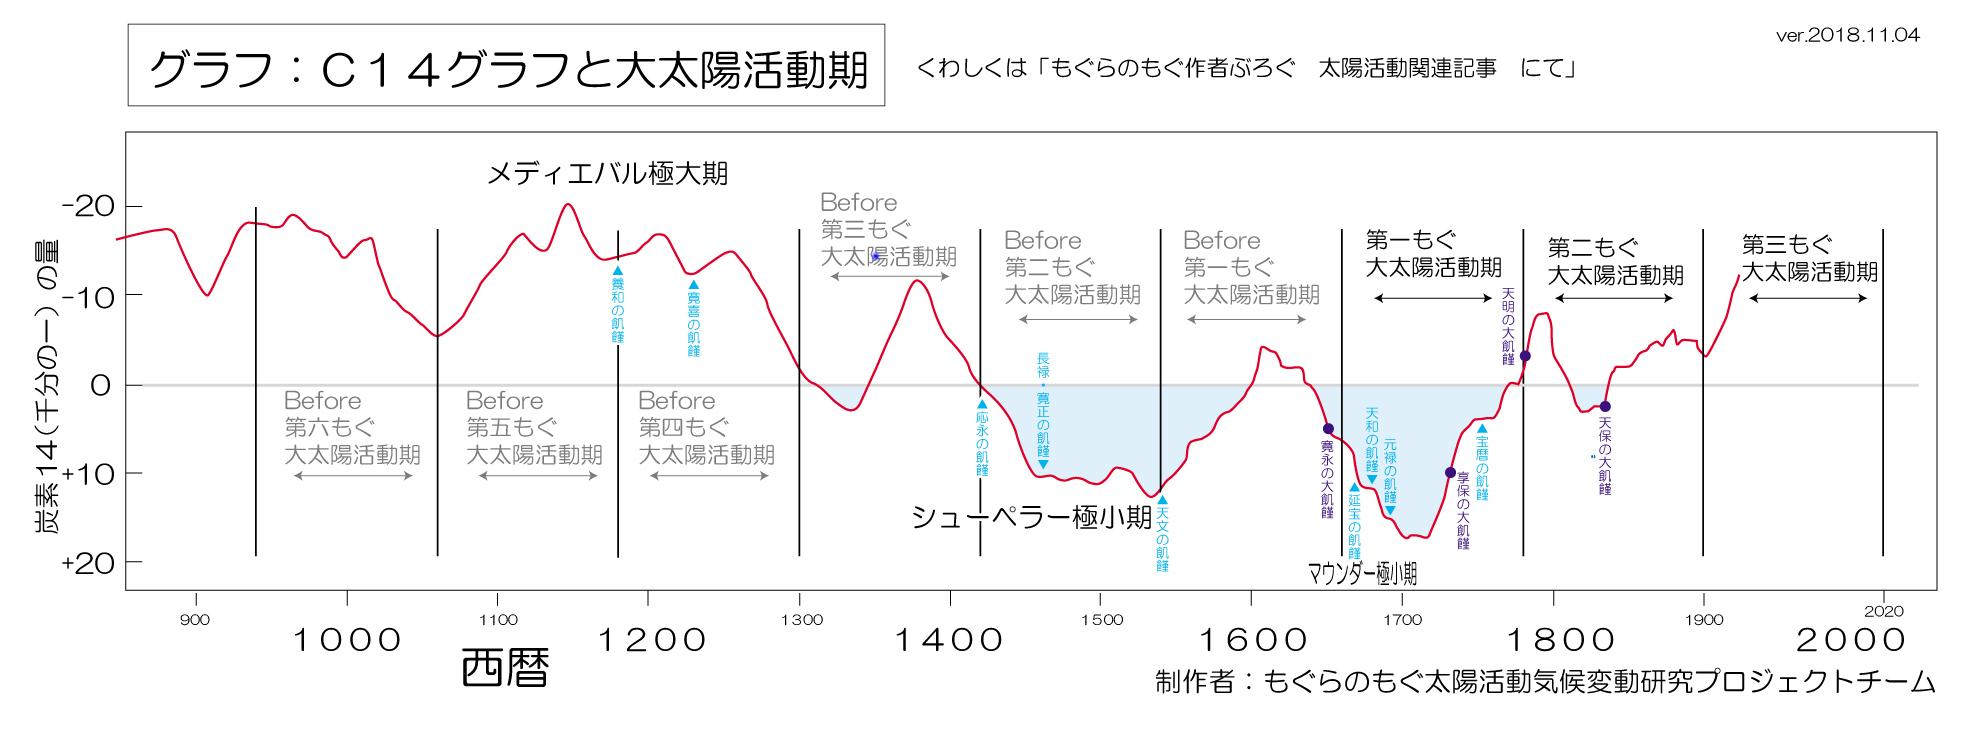 https://mogura-no-mogu.c.blog.so-net.ne.jp/_images/blog/_ace/mogura-no-mogu/dai-taiyou-katsudouki-c14-big-scale.jpg